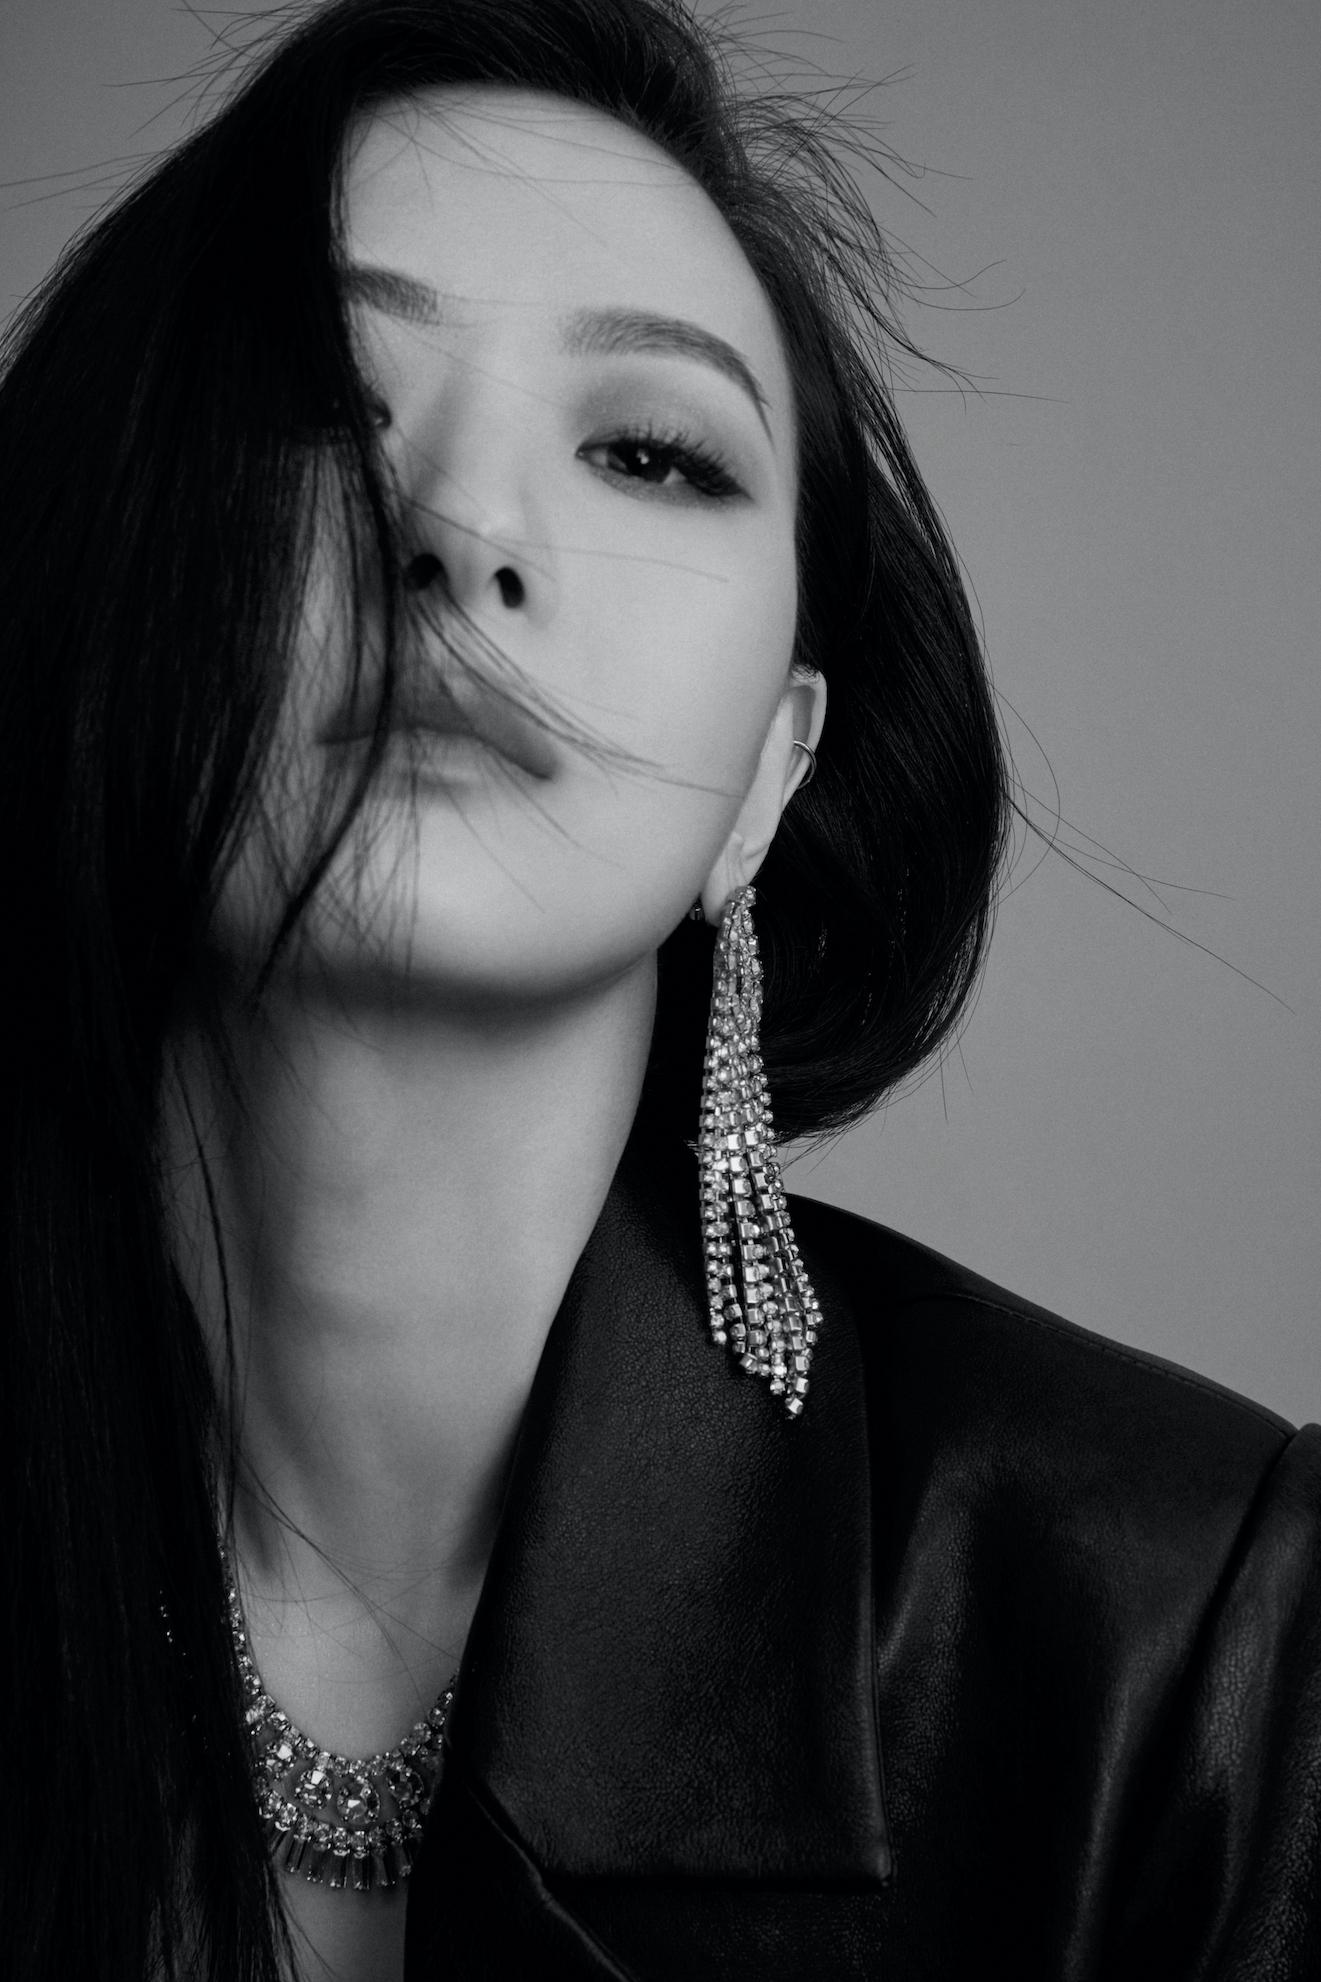 Yun Yun Sun LuisaViaRoma